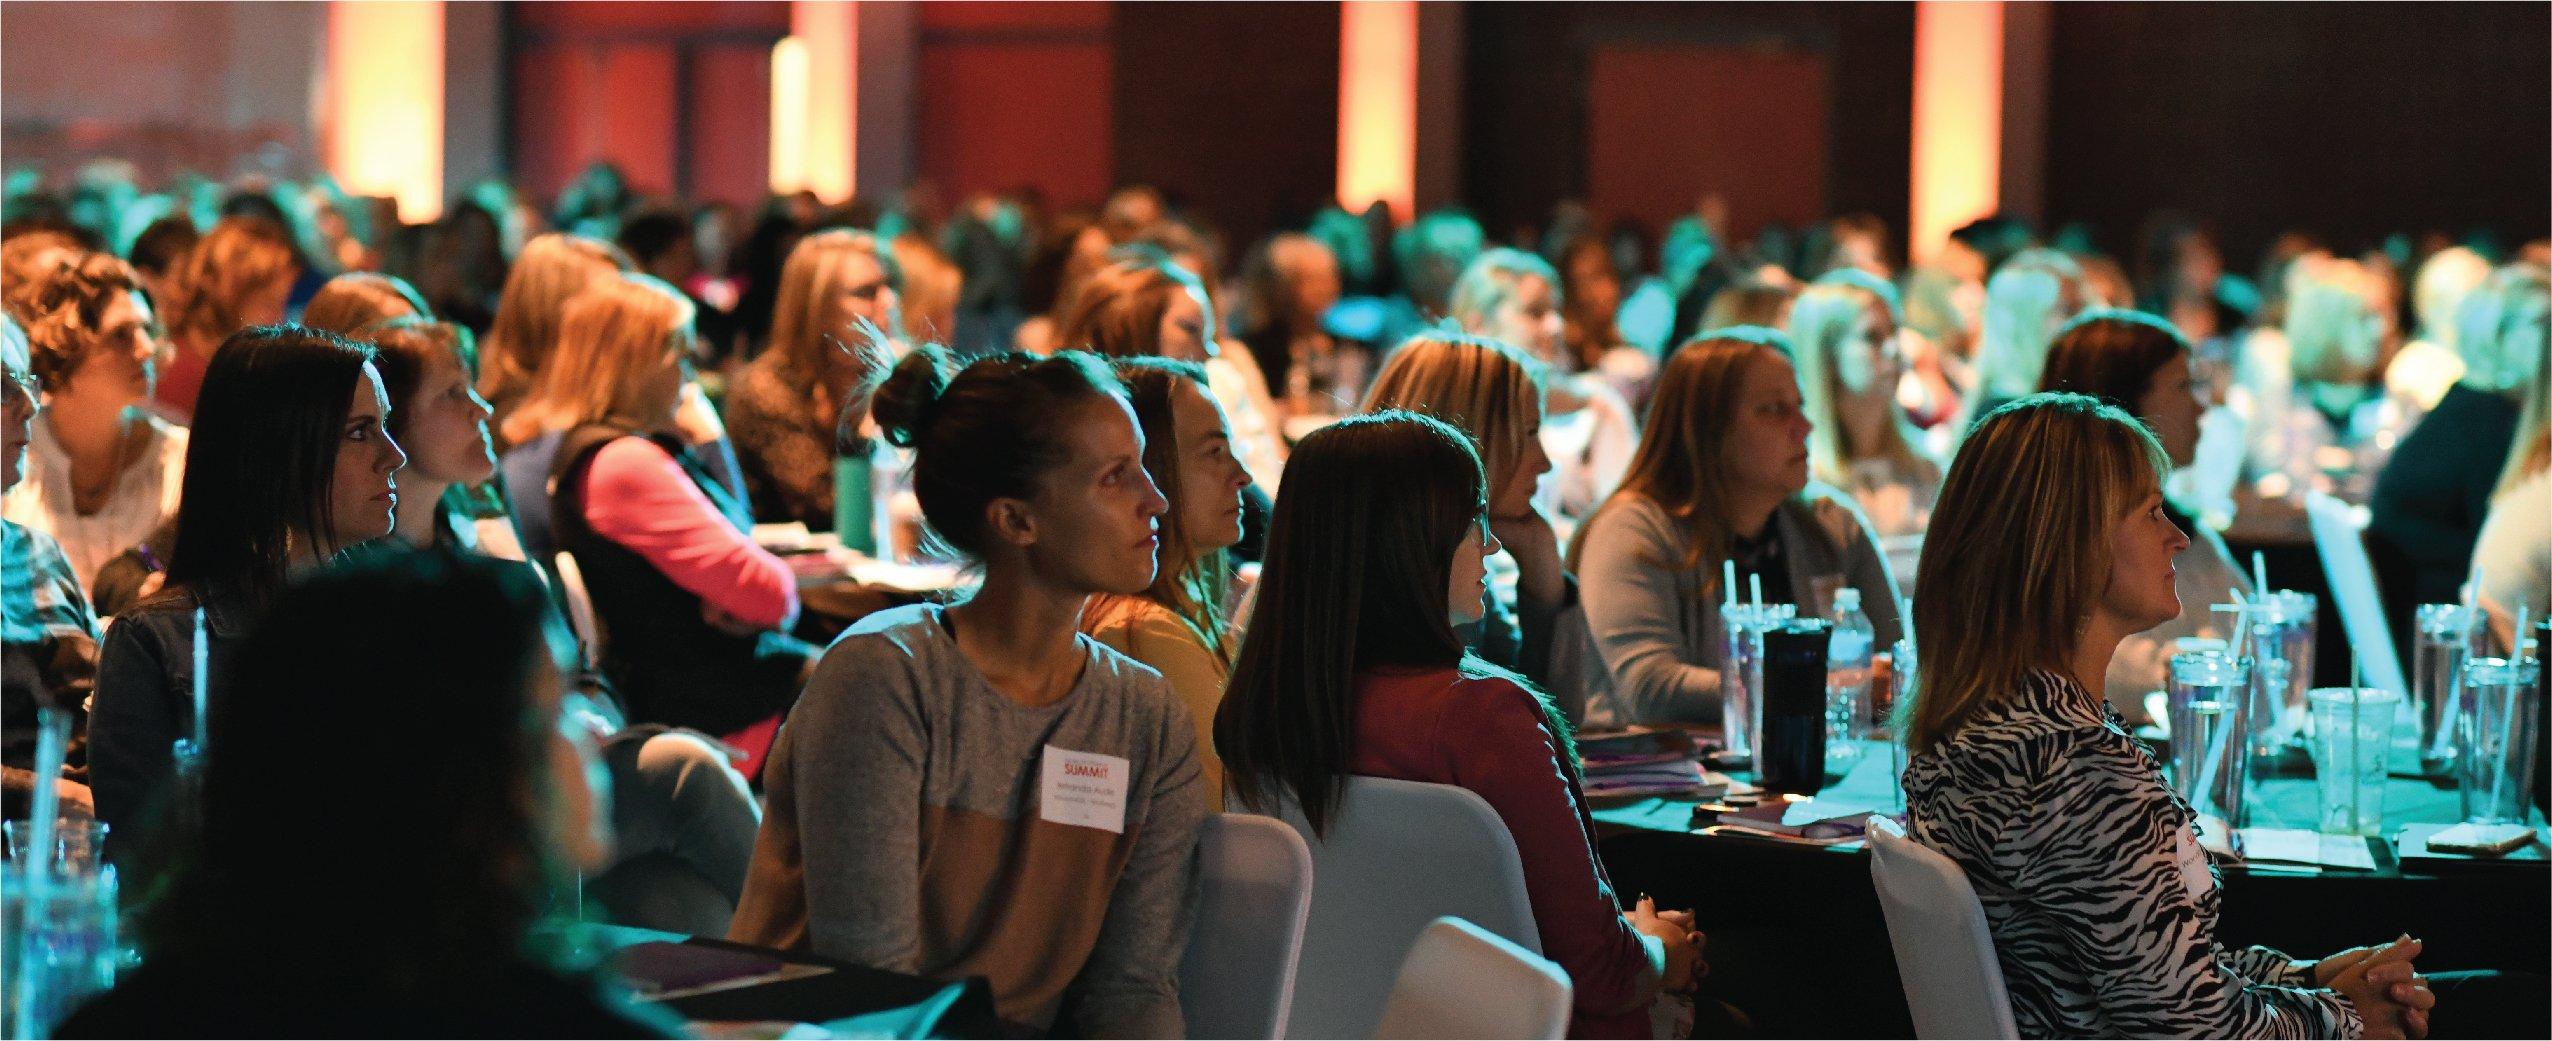 Women watching speaker at summit